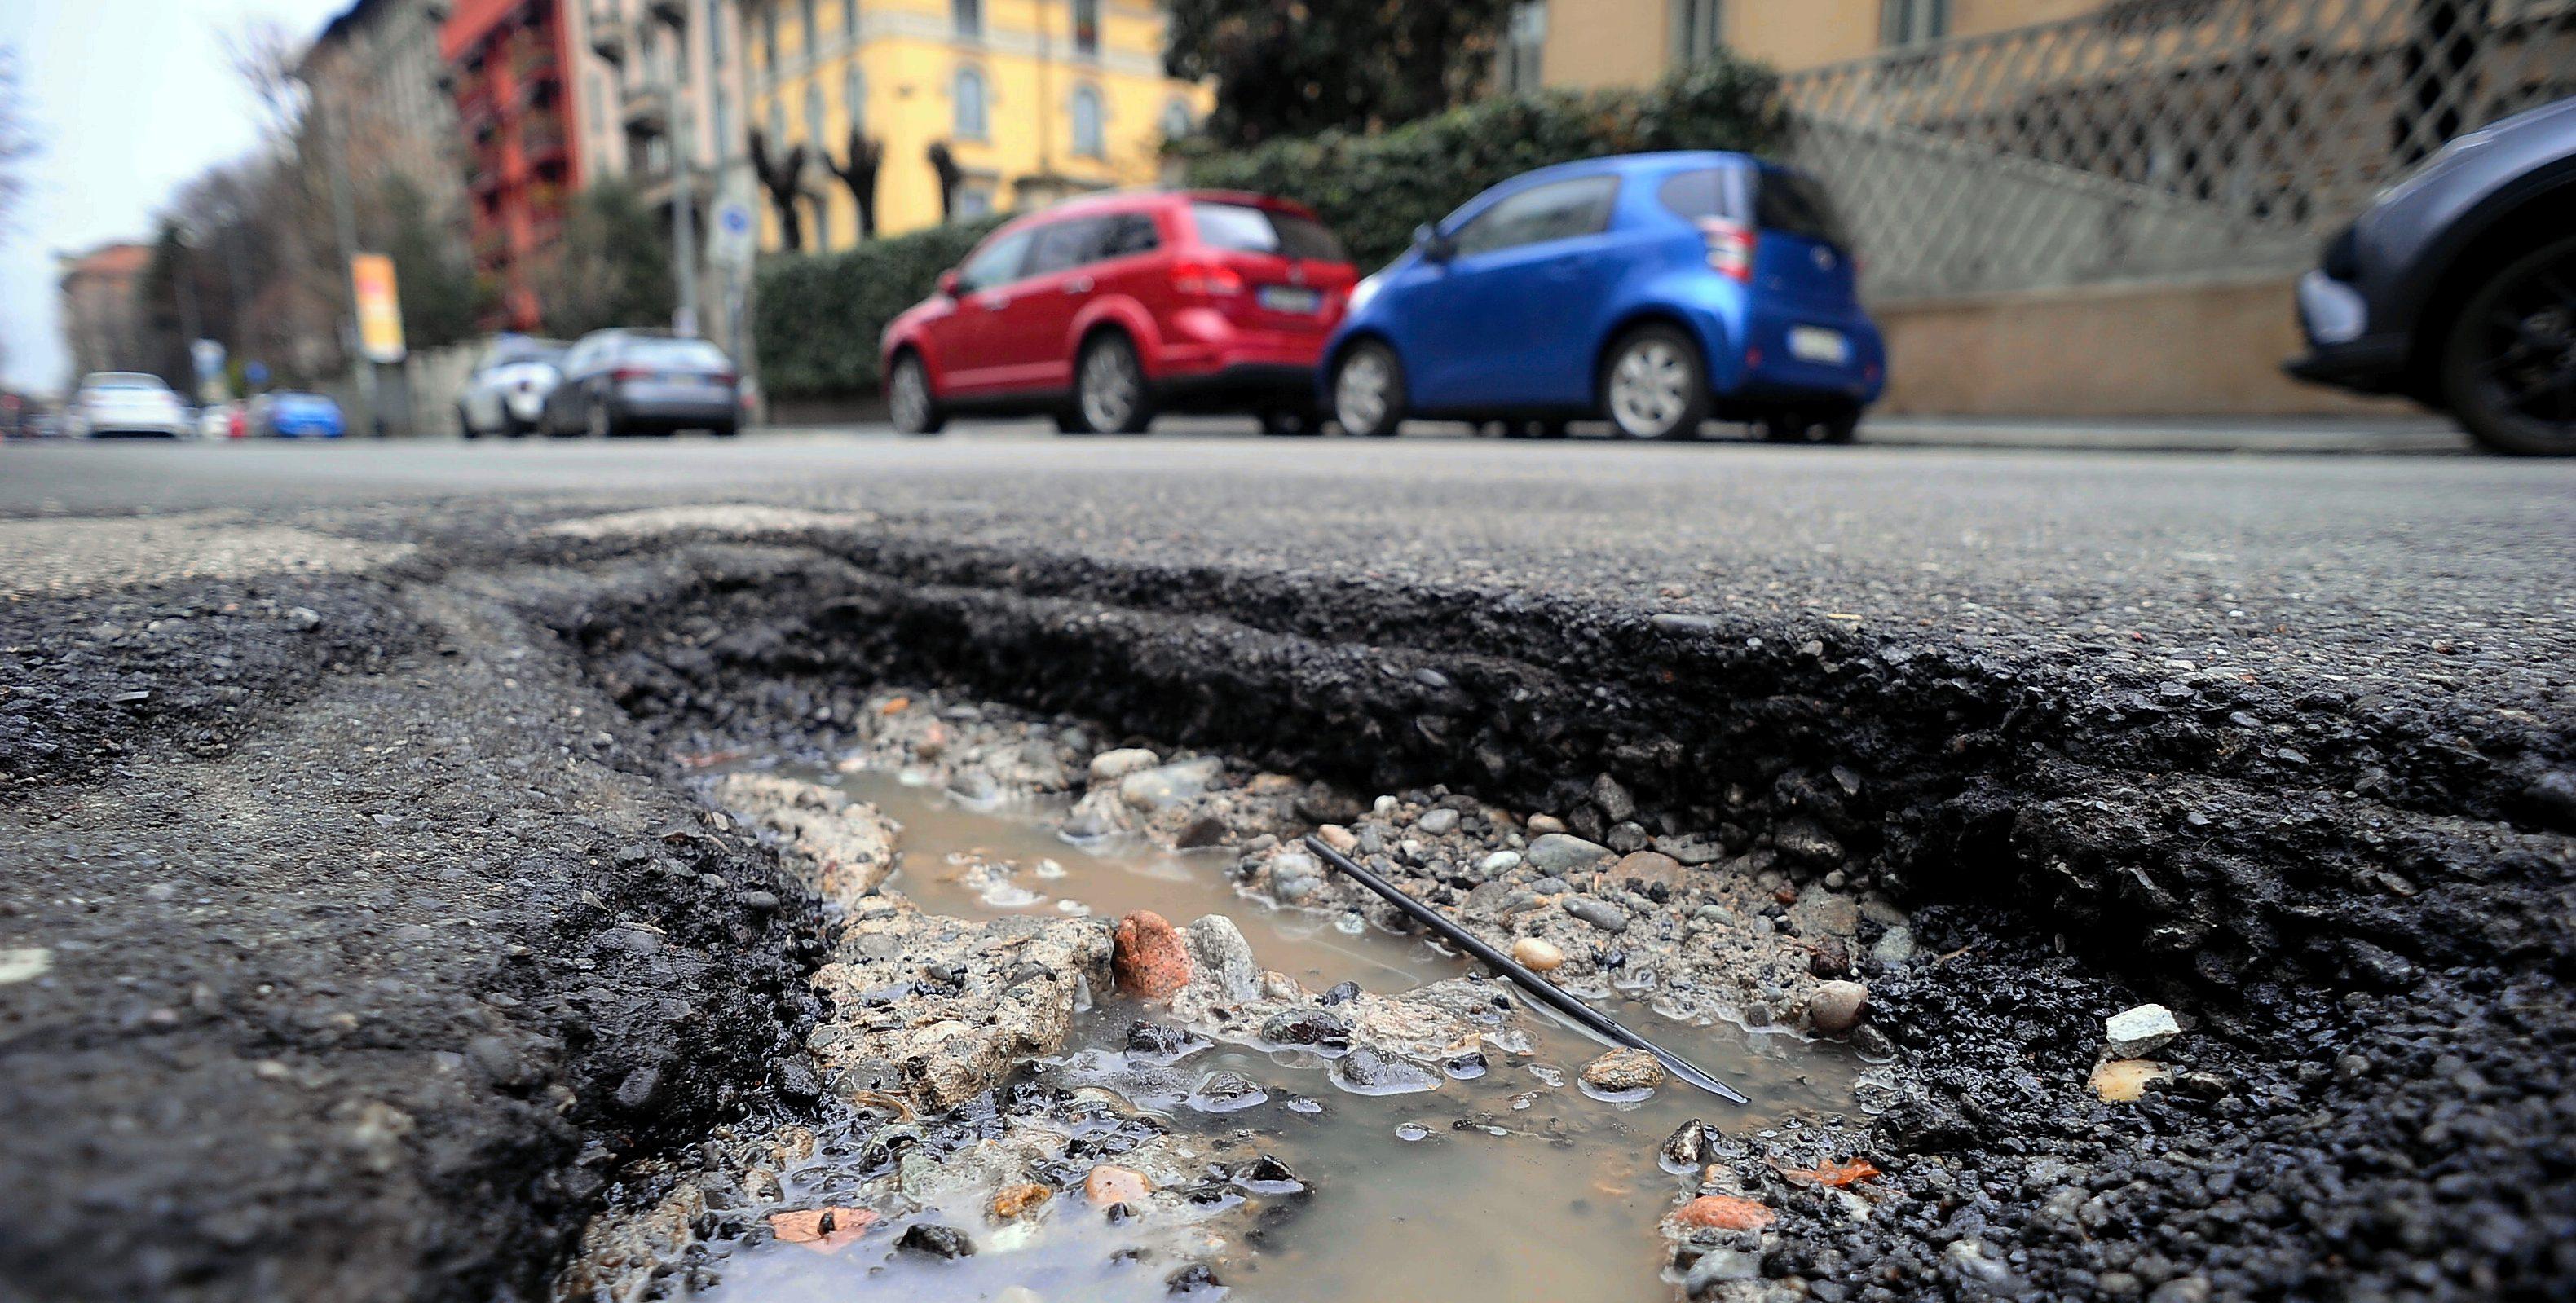 Buche in strada a Milano